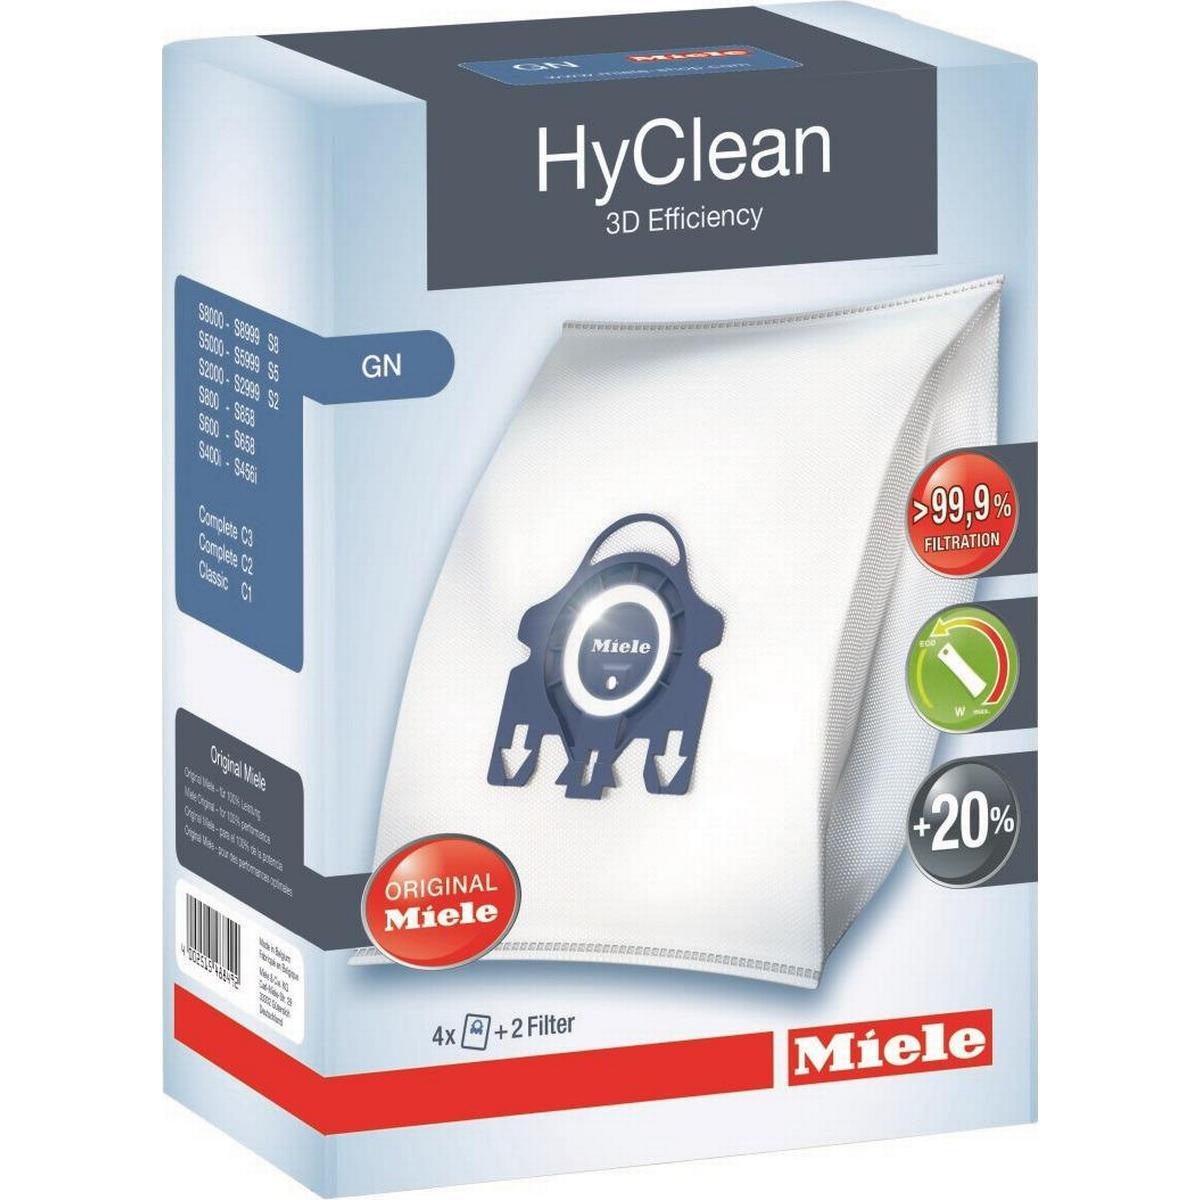 kga-supplies Pack Of 20 Miele Type U Vacuum Cleaner Bags /& Filters